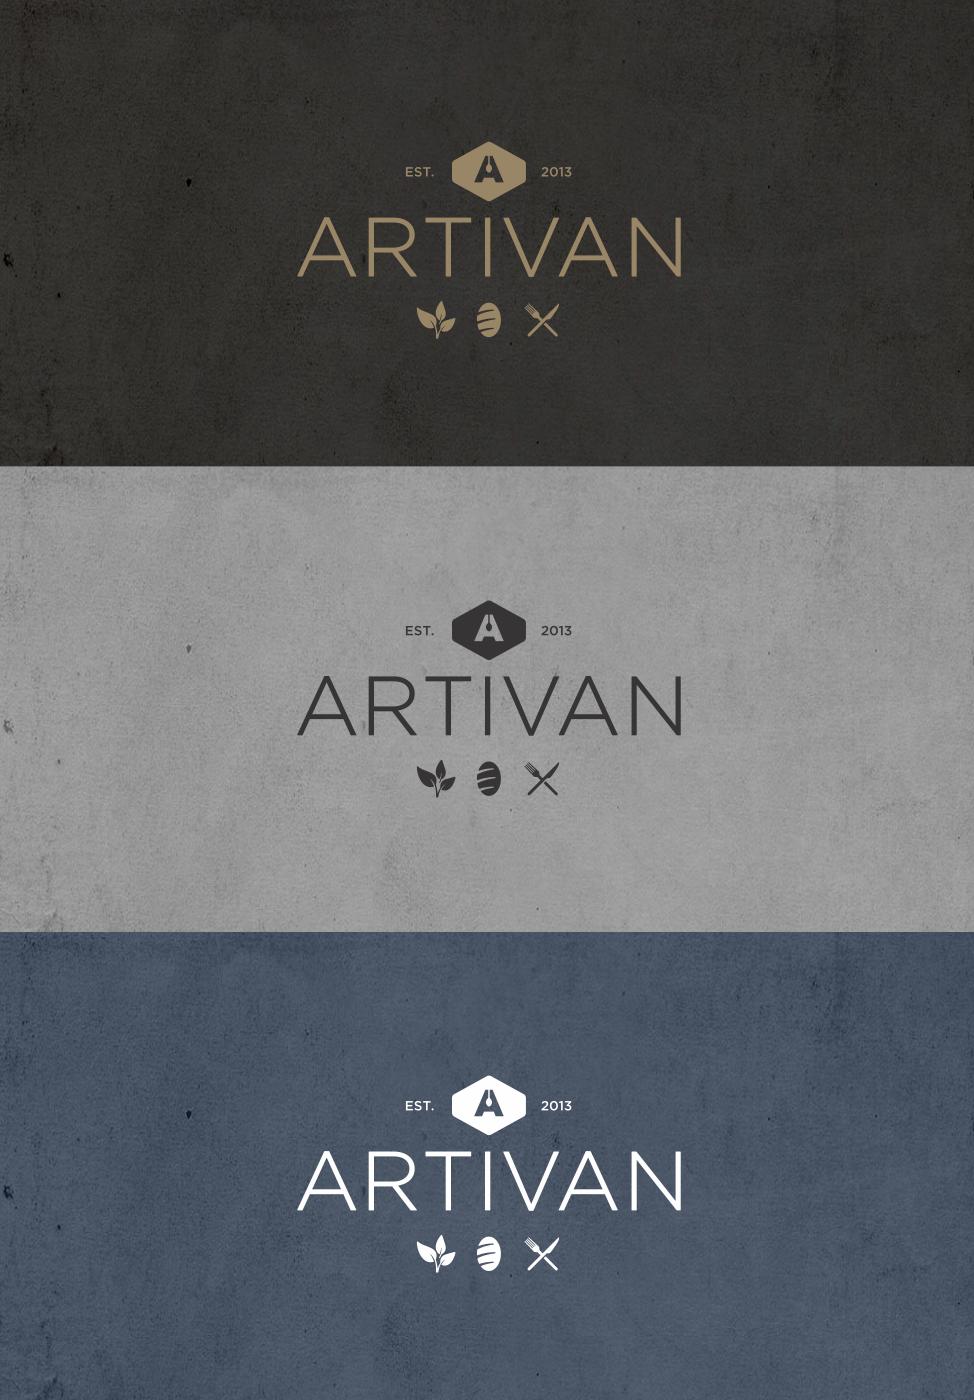 ARTIVAN needs a new logo